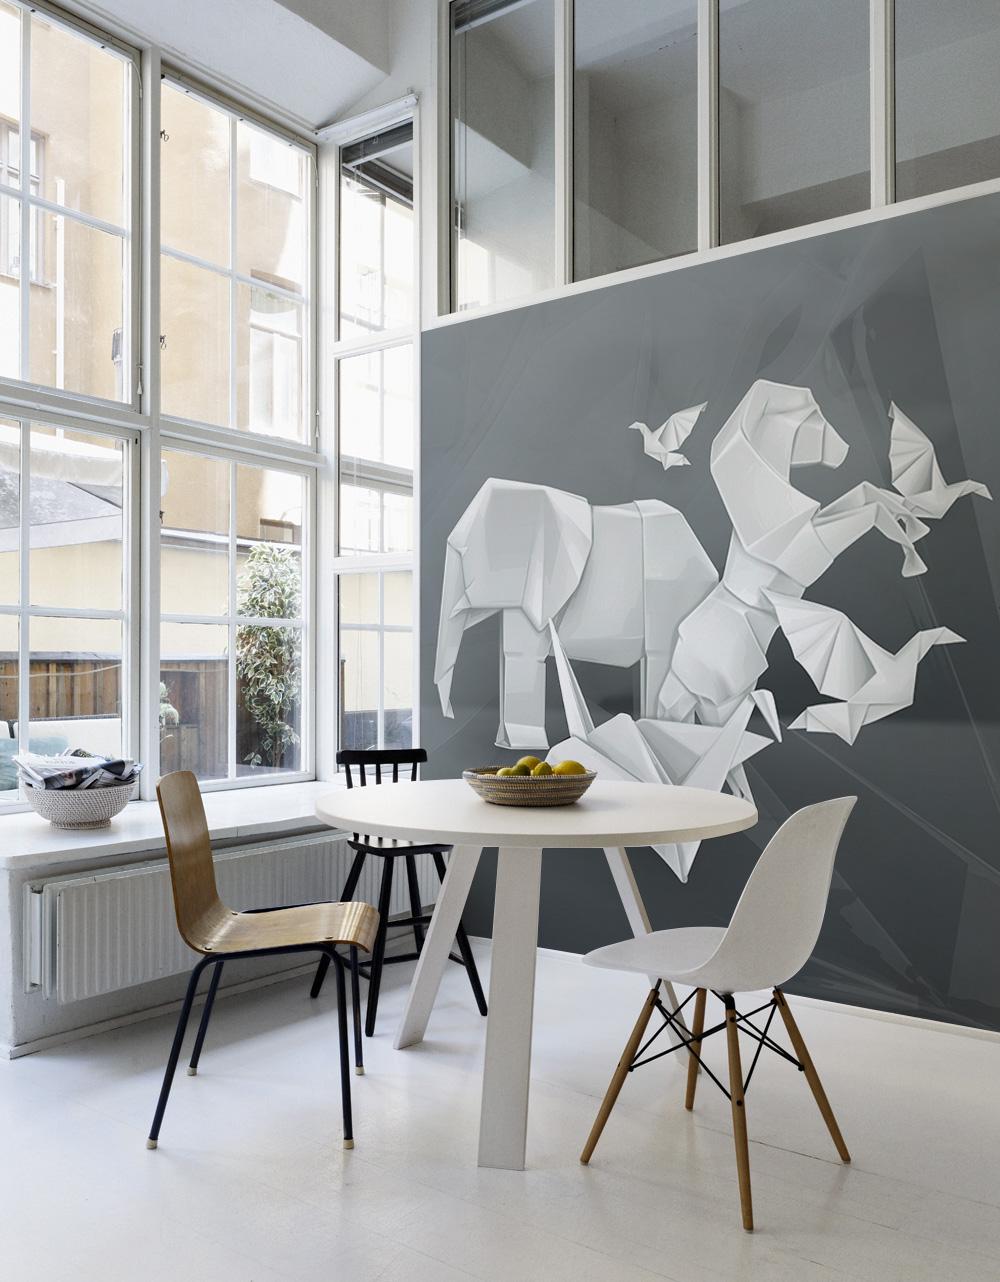 Wände aufpeppen mit Fototapeten und Wandstickern